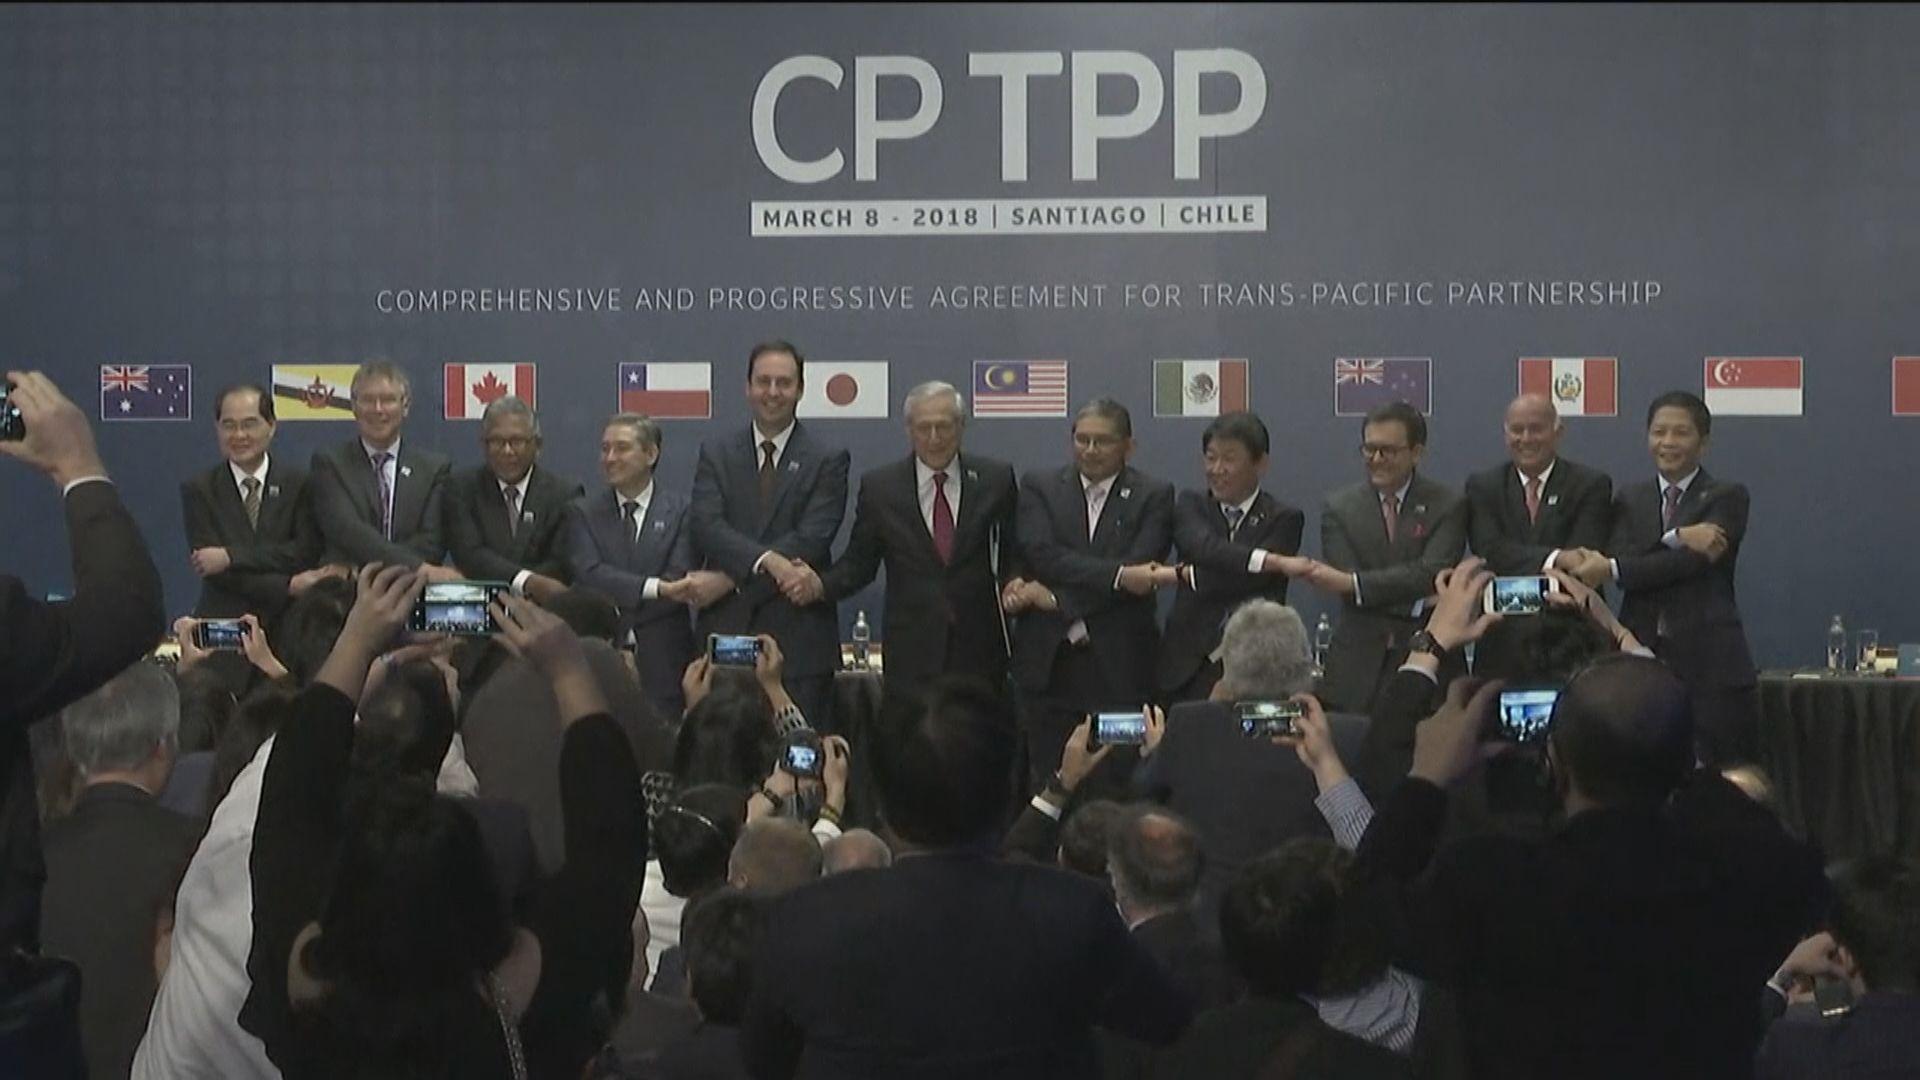 抗貿易保護主義CPTPP年底生效